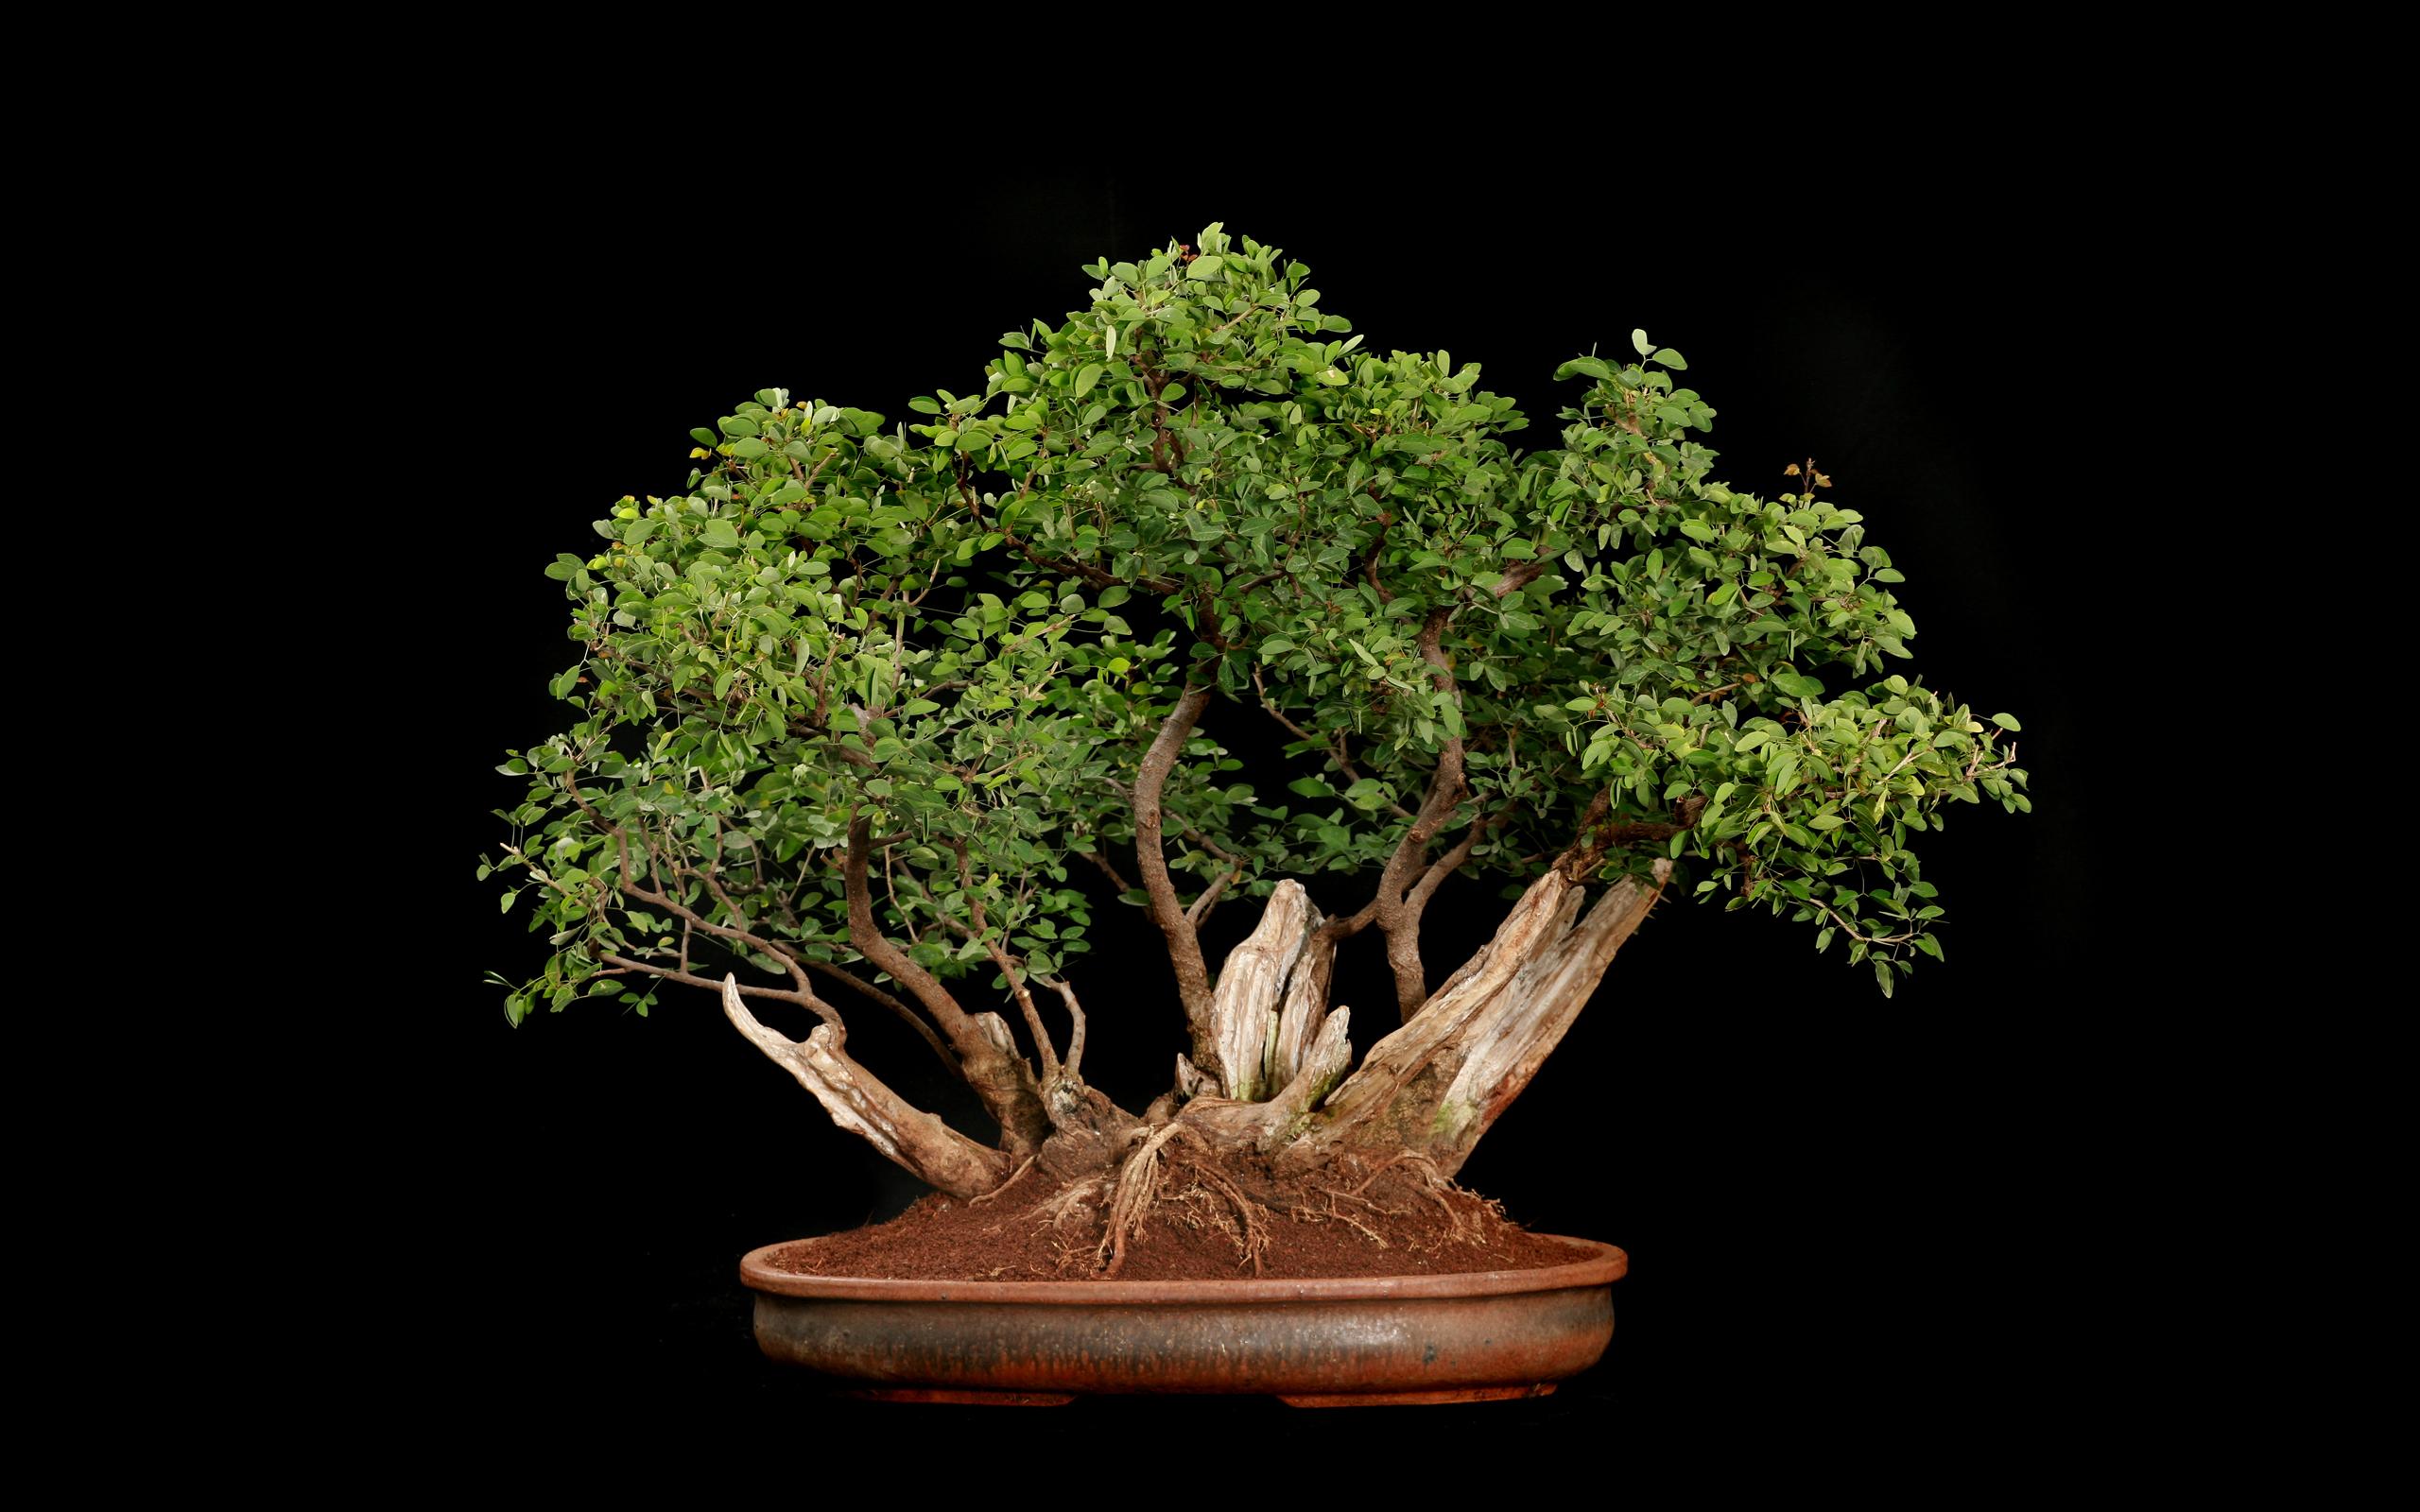 bonsai wallpaper 03 ndash - photo #10